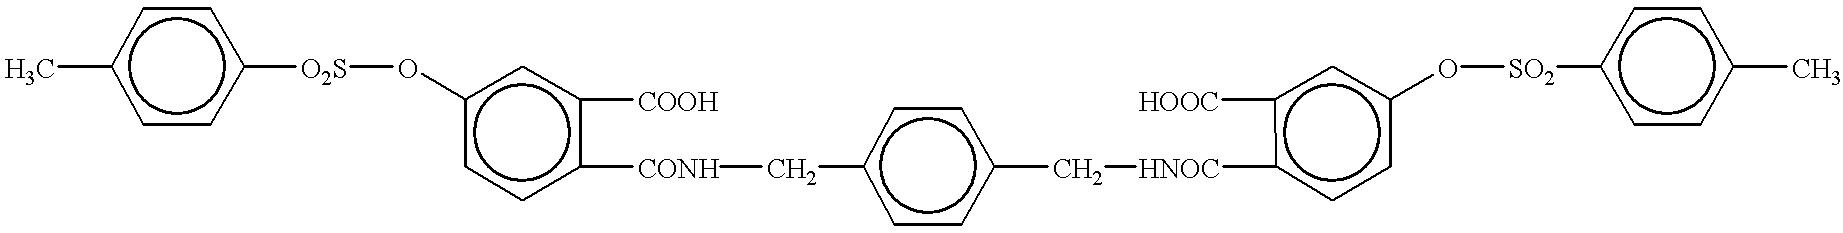 Figure US06180560-20010130-C00503